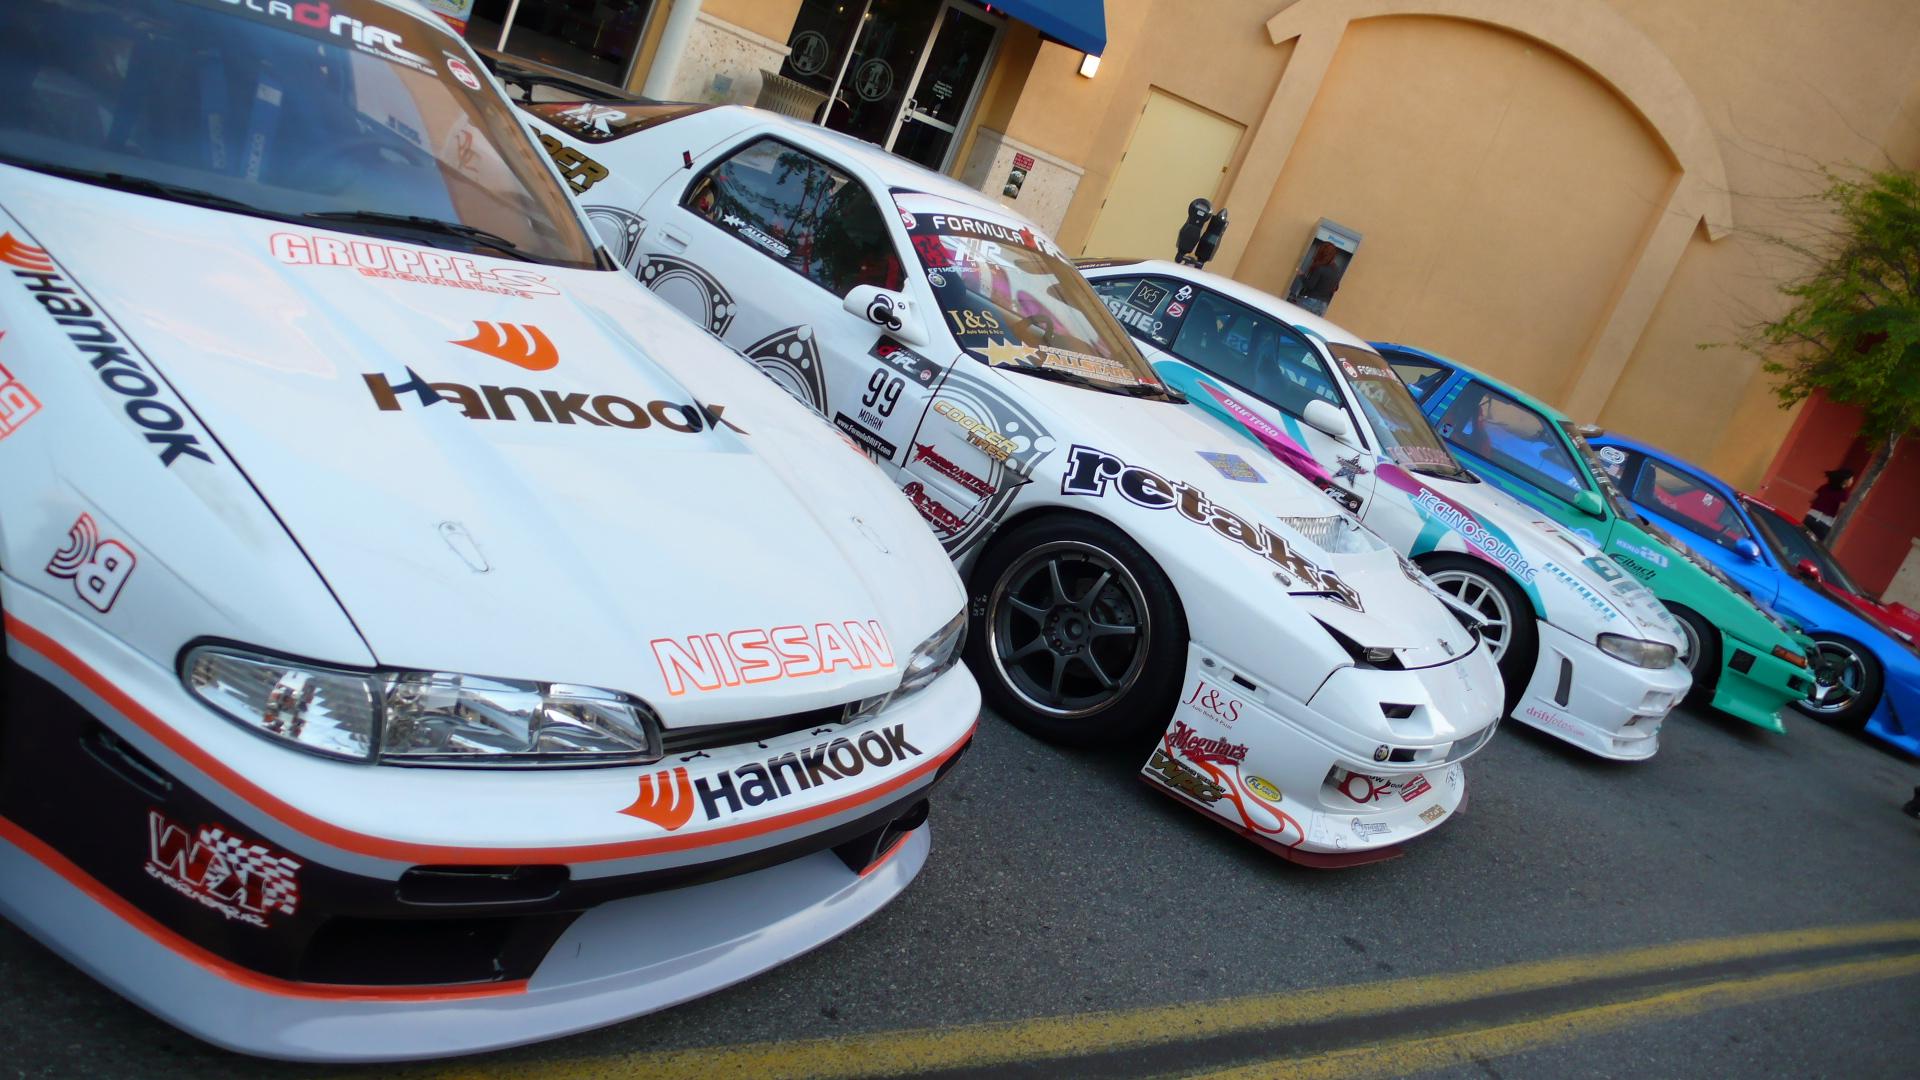 FD cars on display